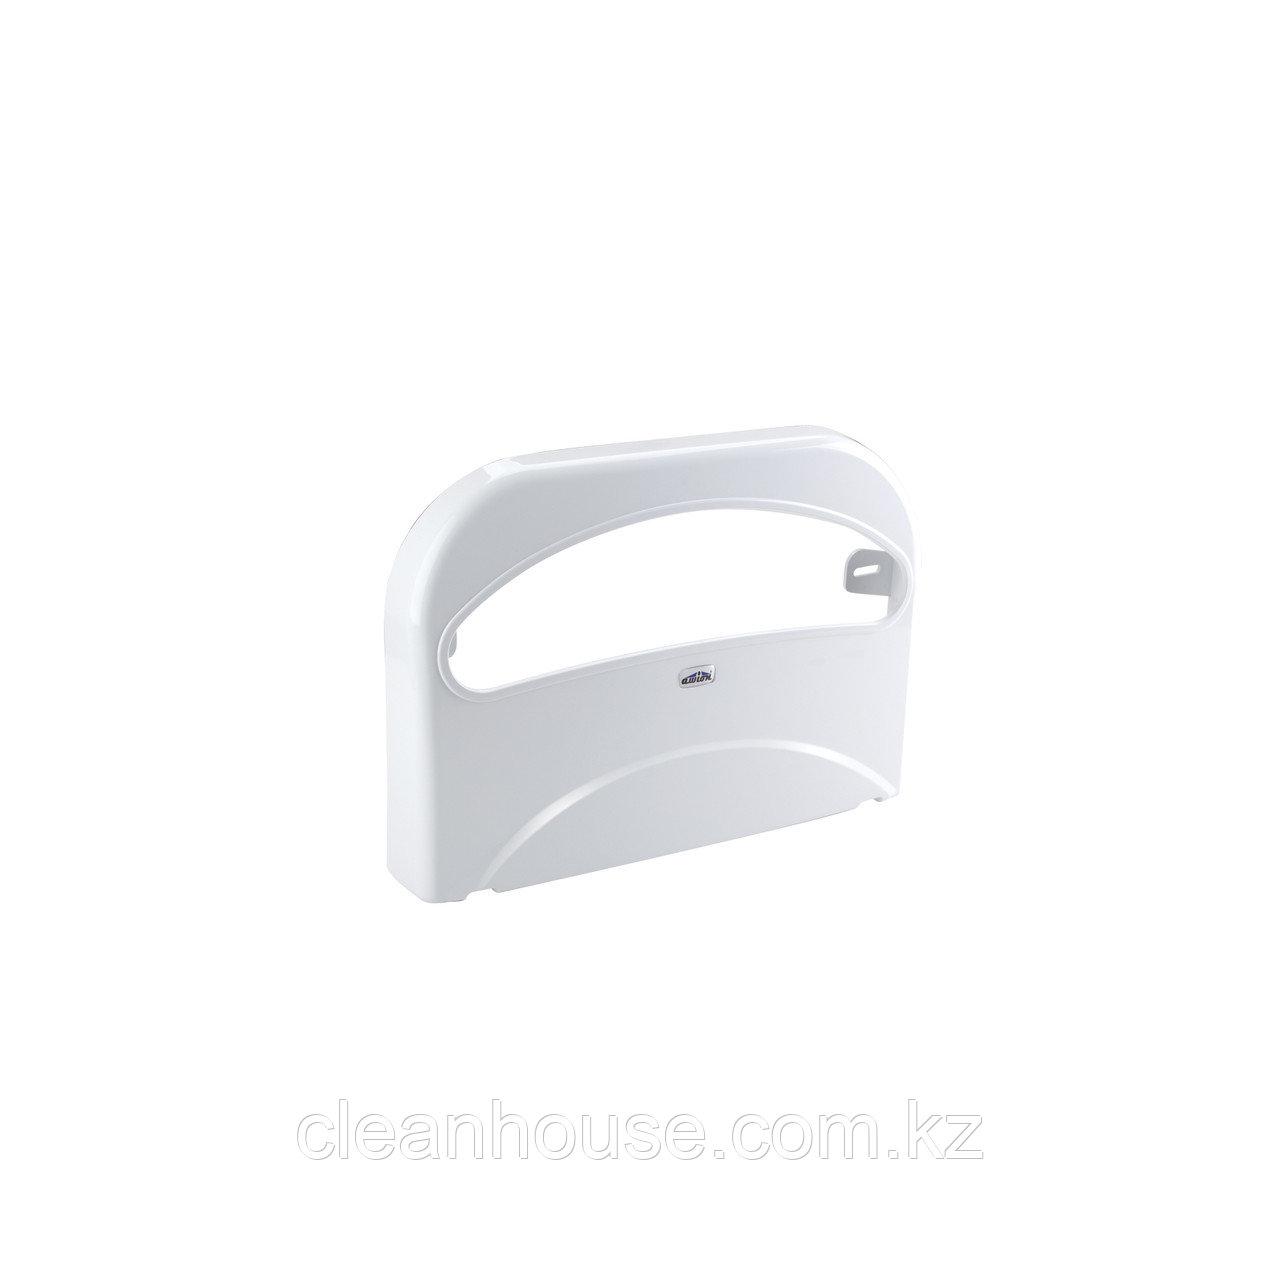 Диспенсер для туалетных настилов